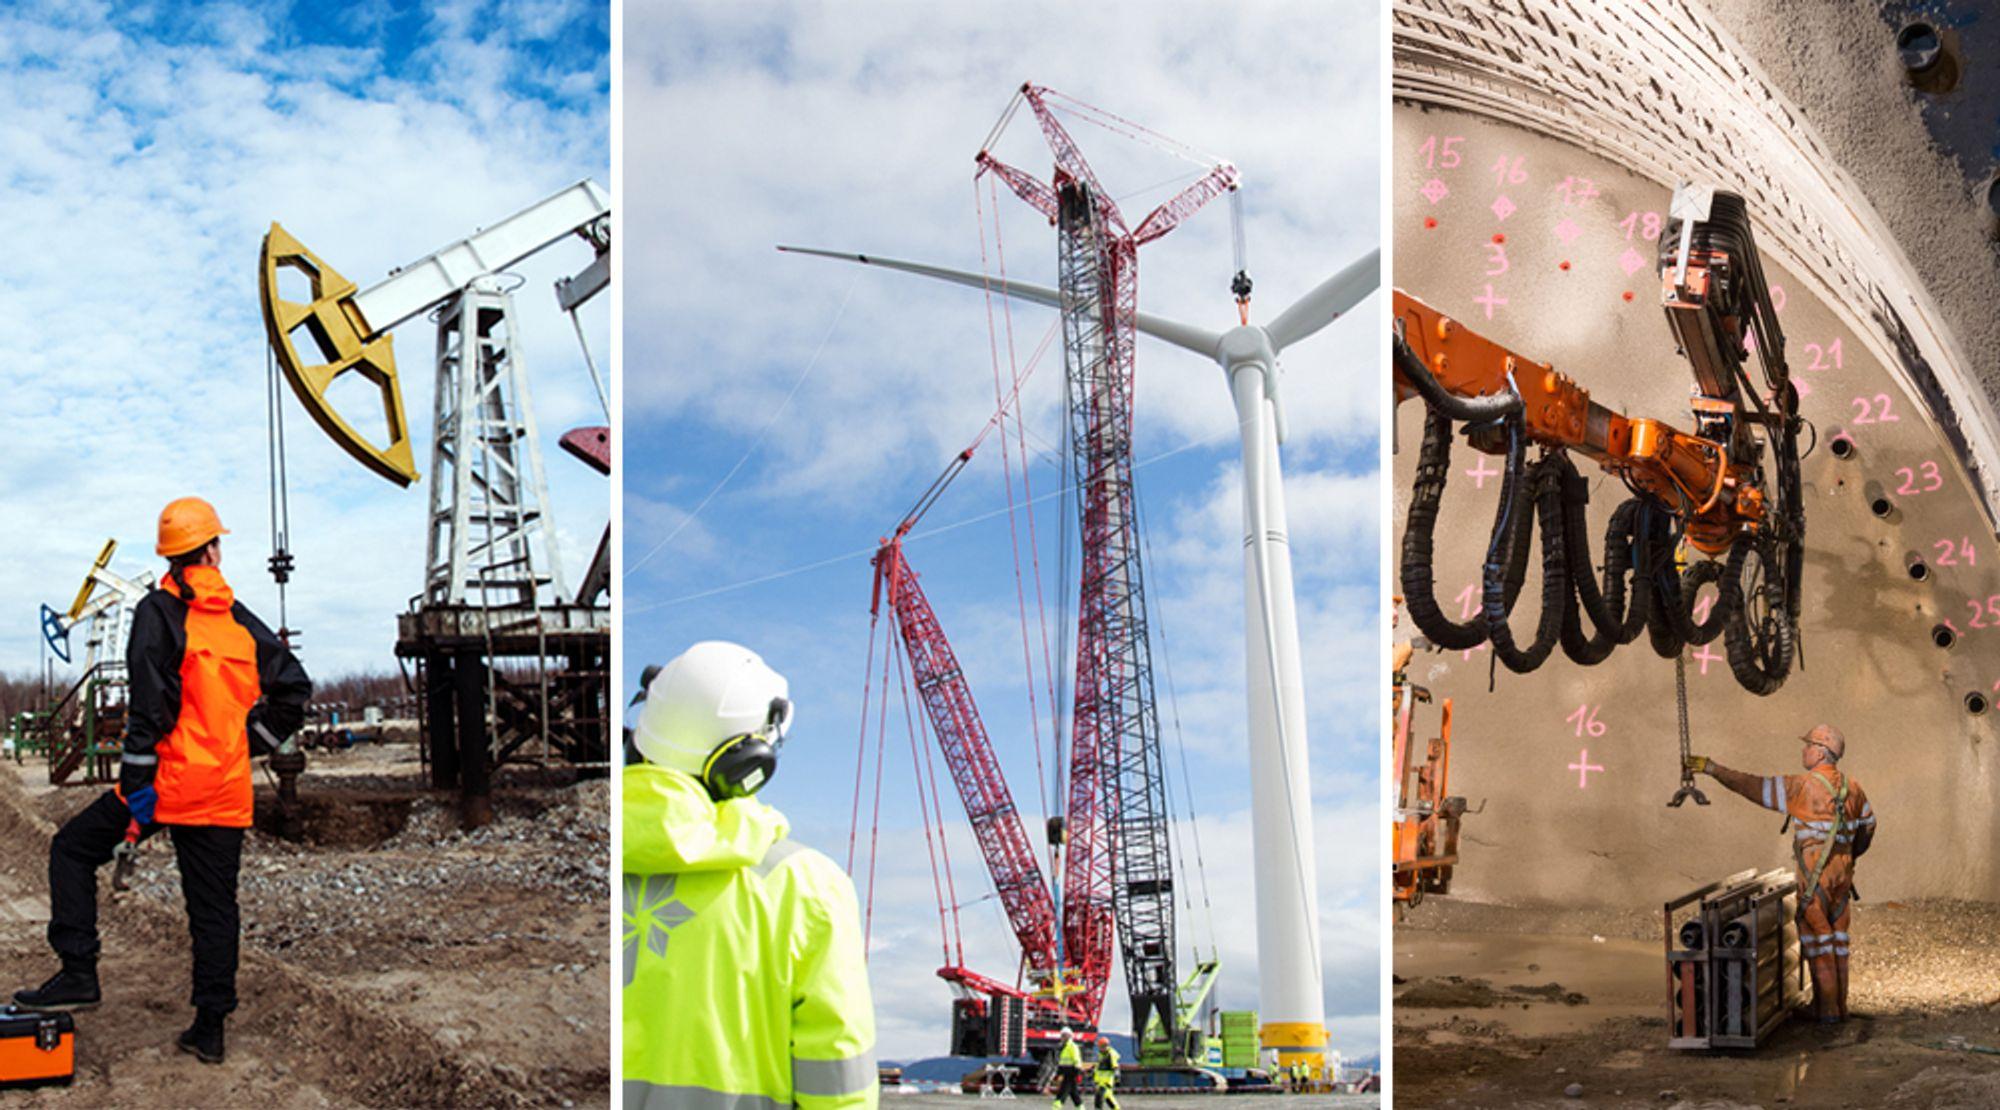 Petroleumsfag, fornybar energi og geologi er utdanninger som står seg også i framtiden, mener Nito og Tekna.